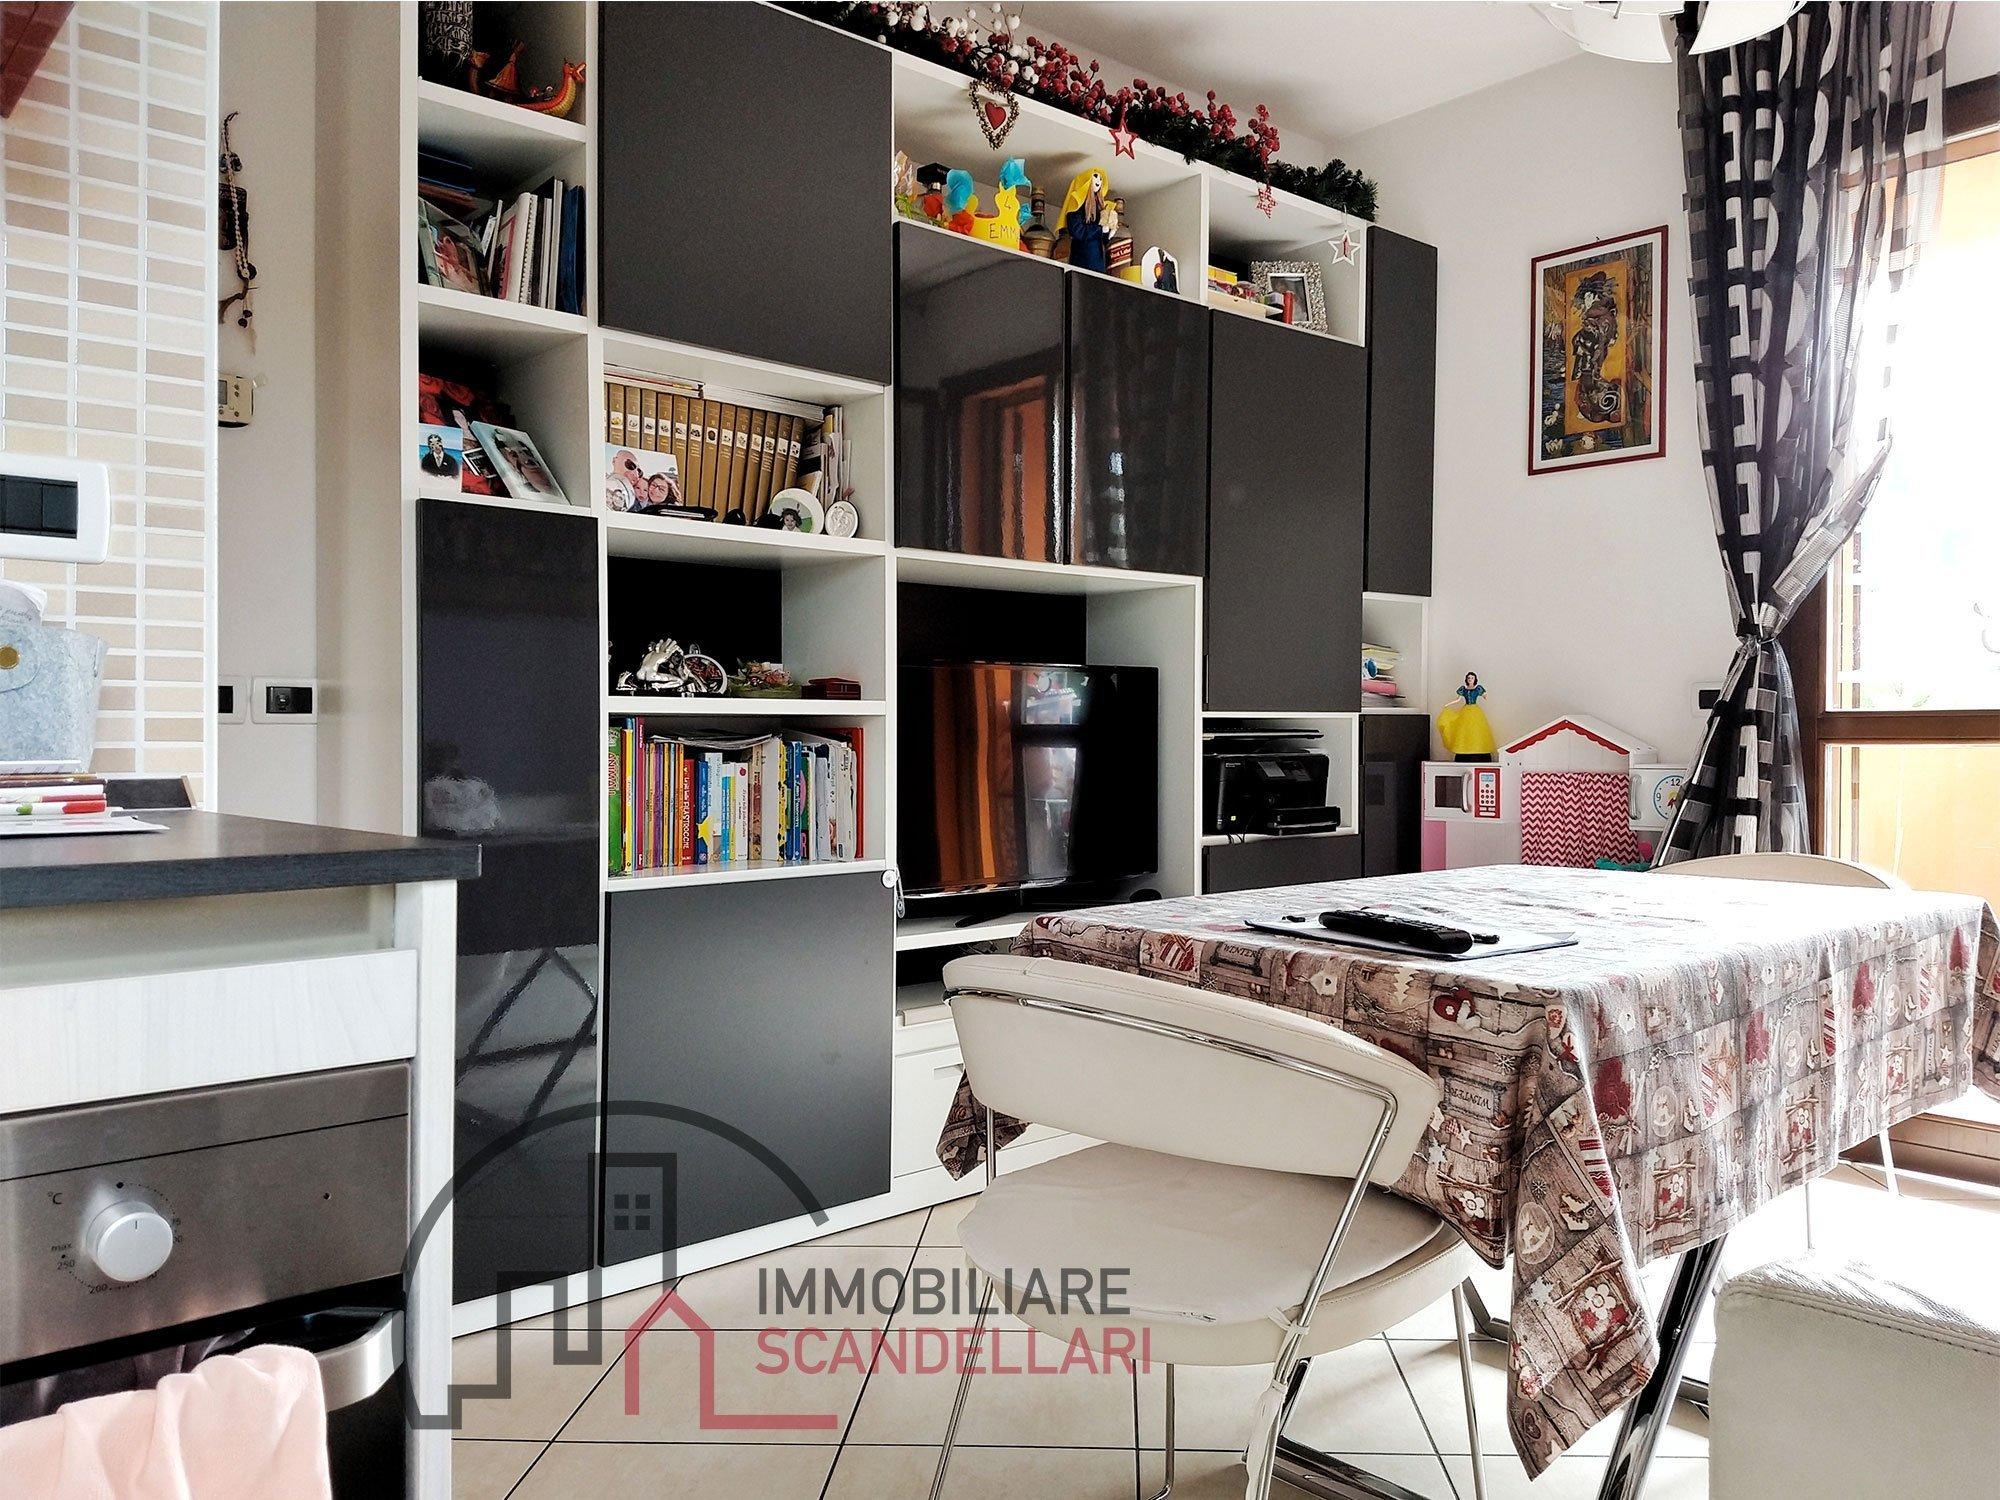 Rimini - Celle - Appartamento bilocale con garage recente costruzione - Immobiliare Scandellari